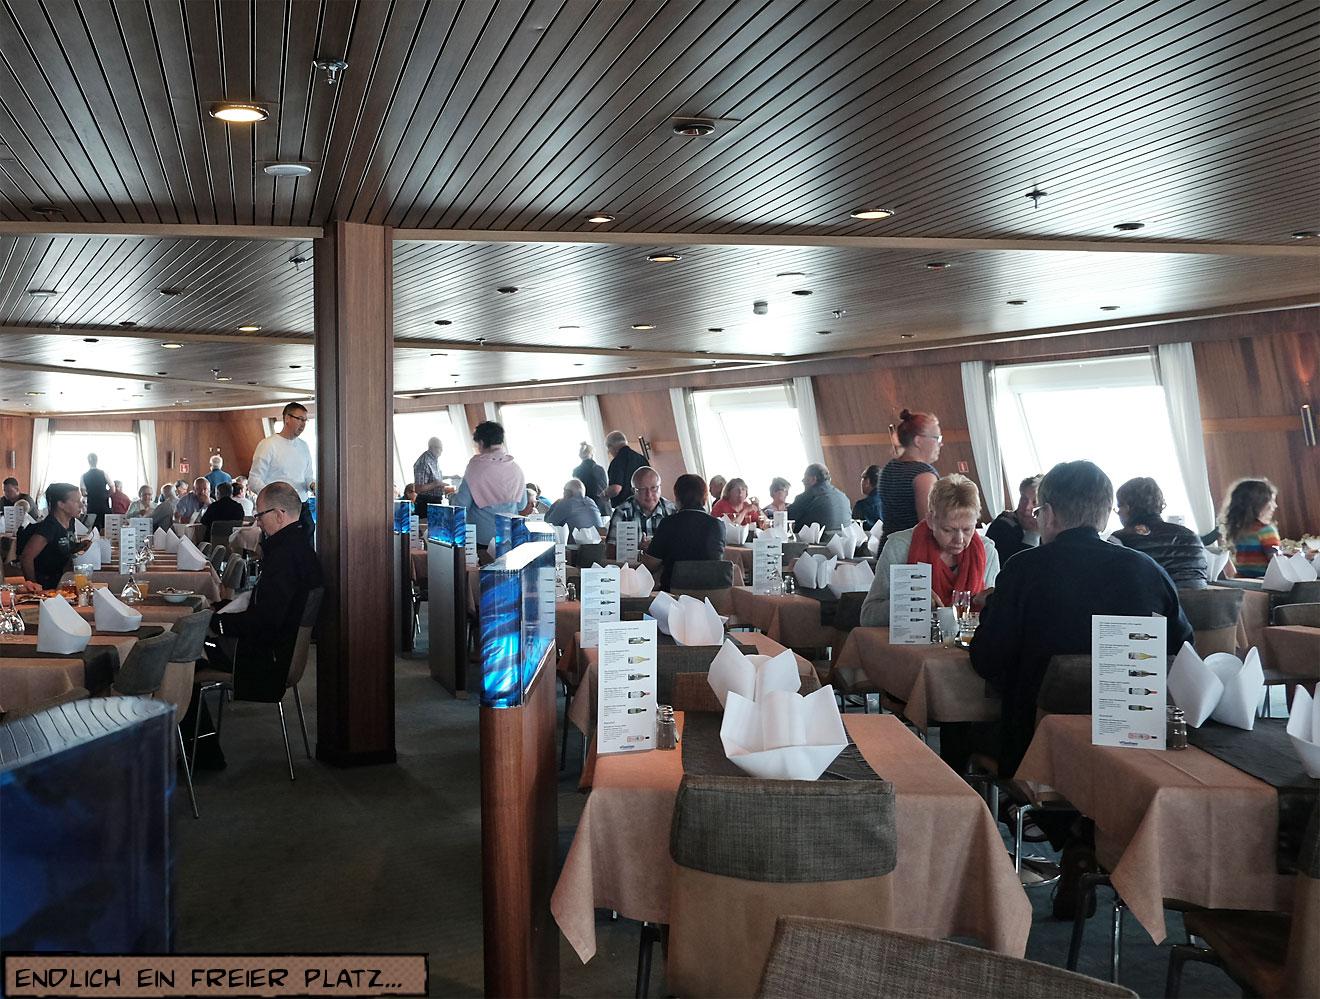 Speisesaal auf einem Schiff